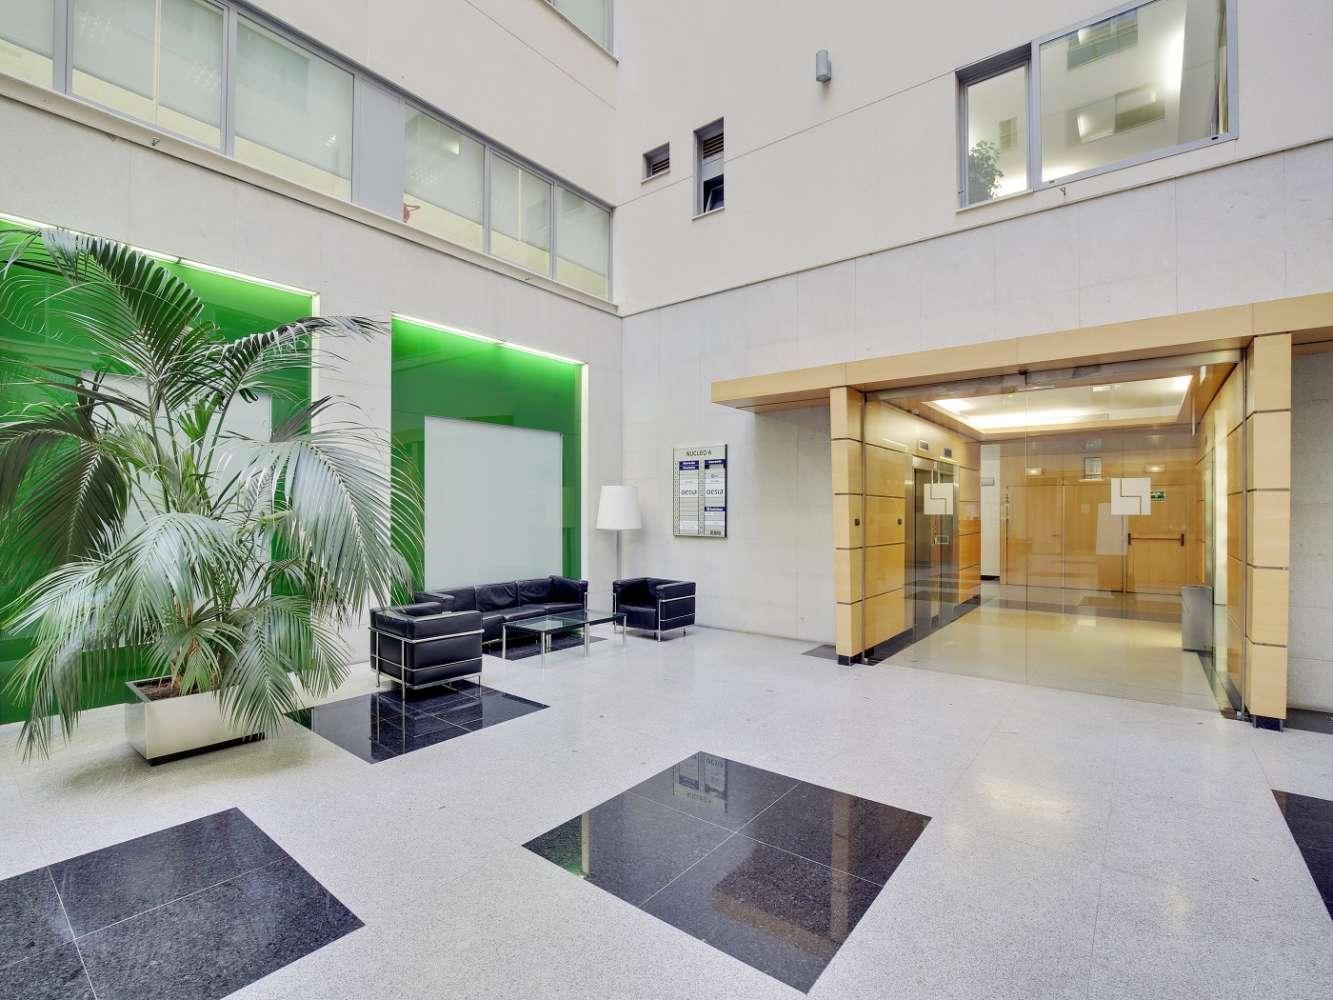 Oficina Rivas-vaciamadrid, 28521 - 521 Hub. Edificio 2 - 14511